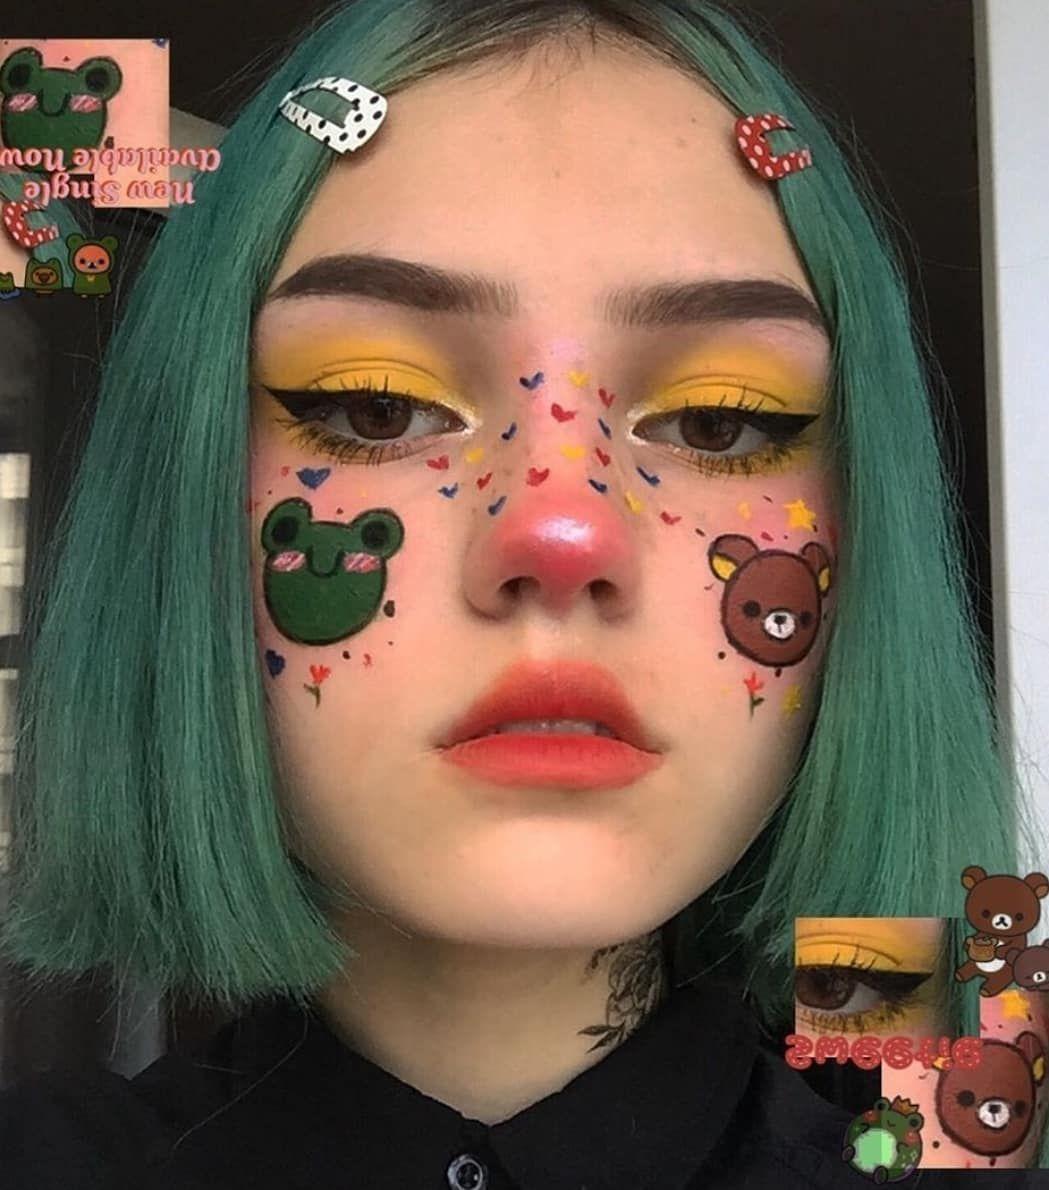 We Needs Ambassadors Ig Adn Studios1 In 2020 Edgy Makeup Creative Makeup Looks Face Art Makeup